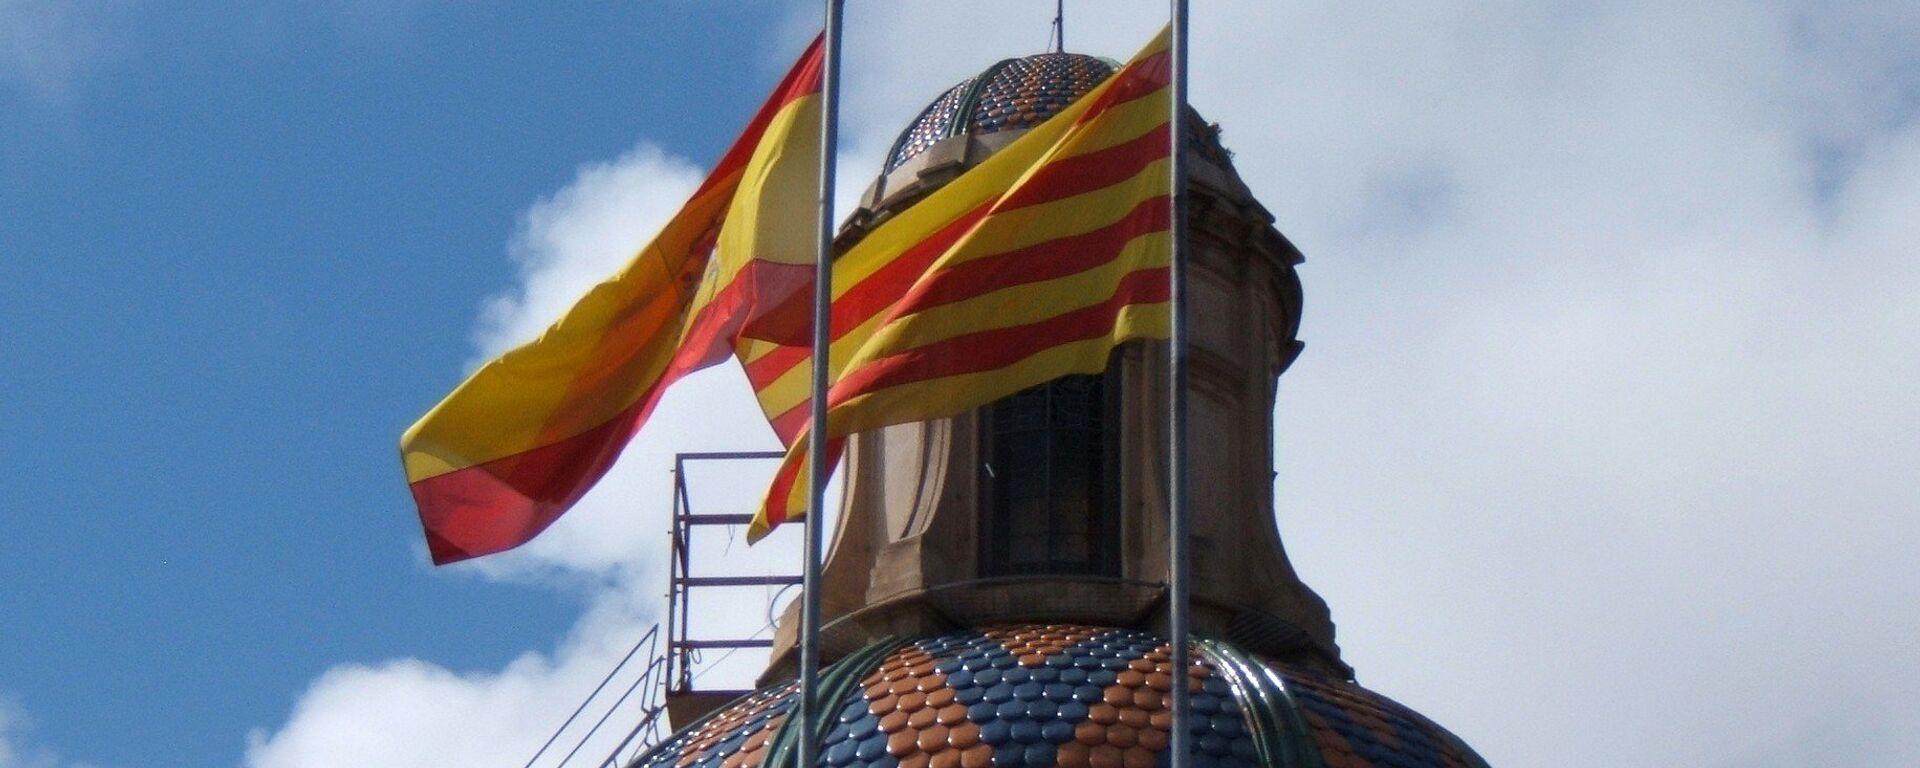 Banderas de España y Cataluña  - Sputnik Mundo, 1920, 04.02.2021